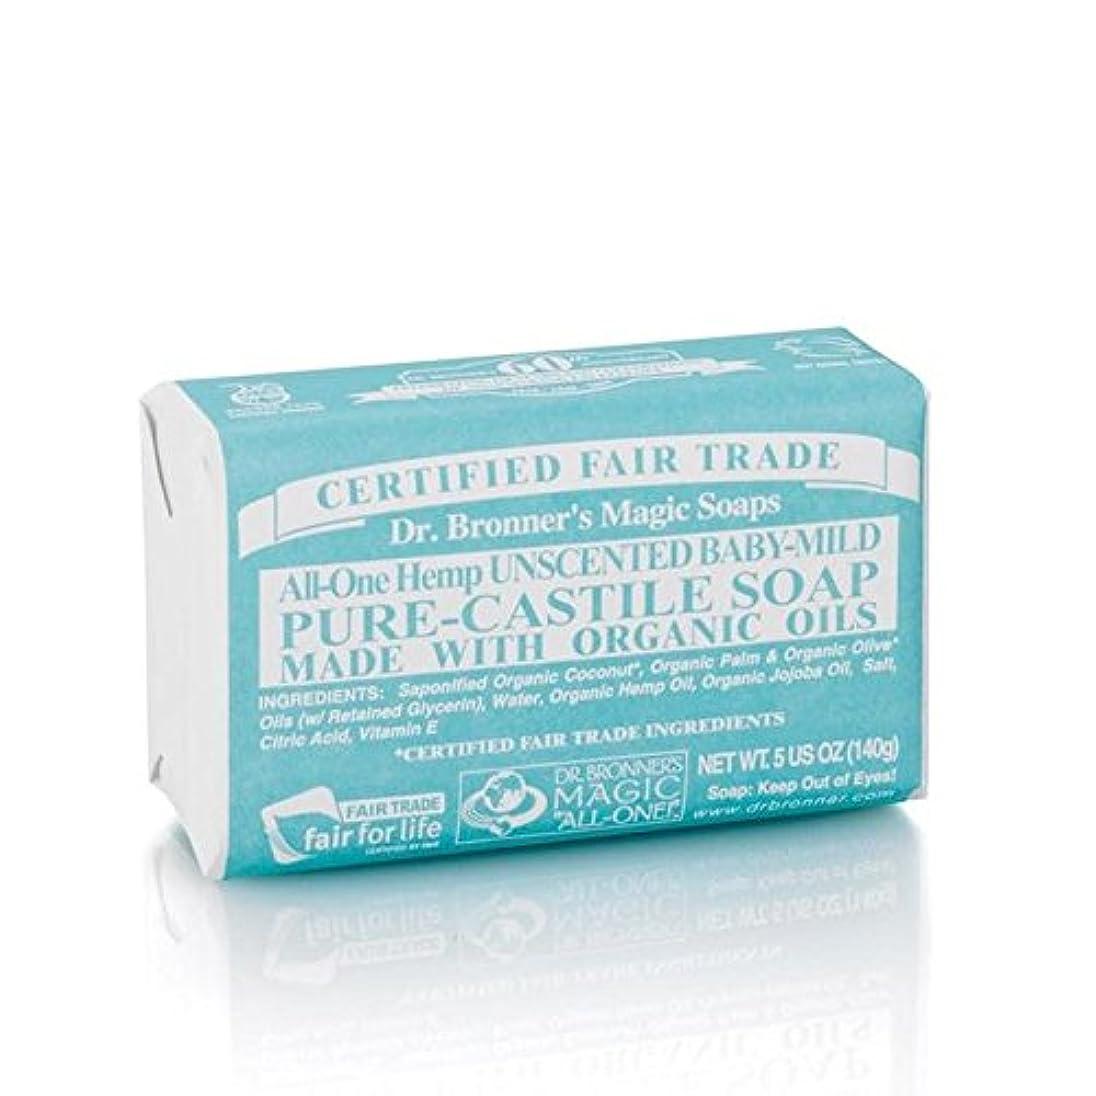 のブロナーオーガニックベビーマイルドソープバー140グラム x2 - Dr Bronner Organic Baby Mild Soap Bar 140g (Pack of 2) [並行輸入品]